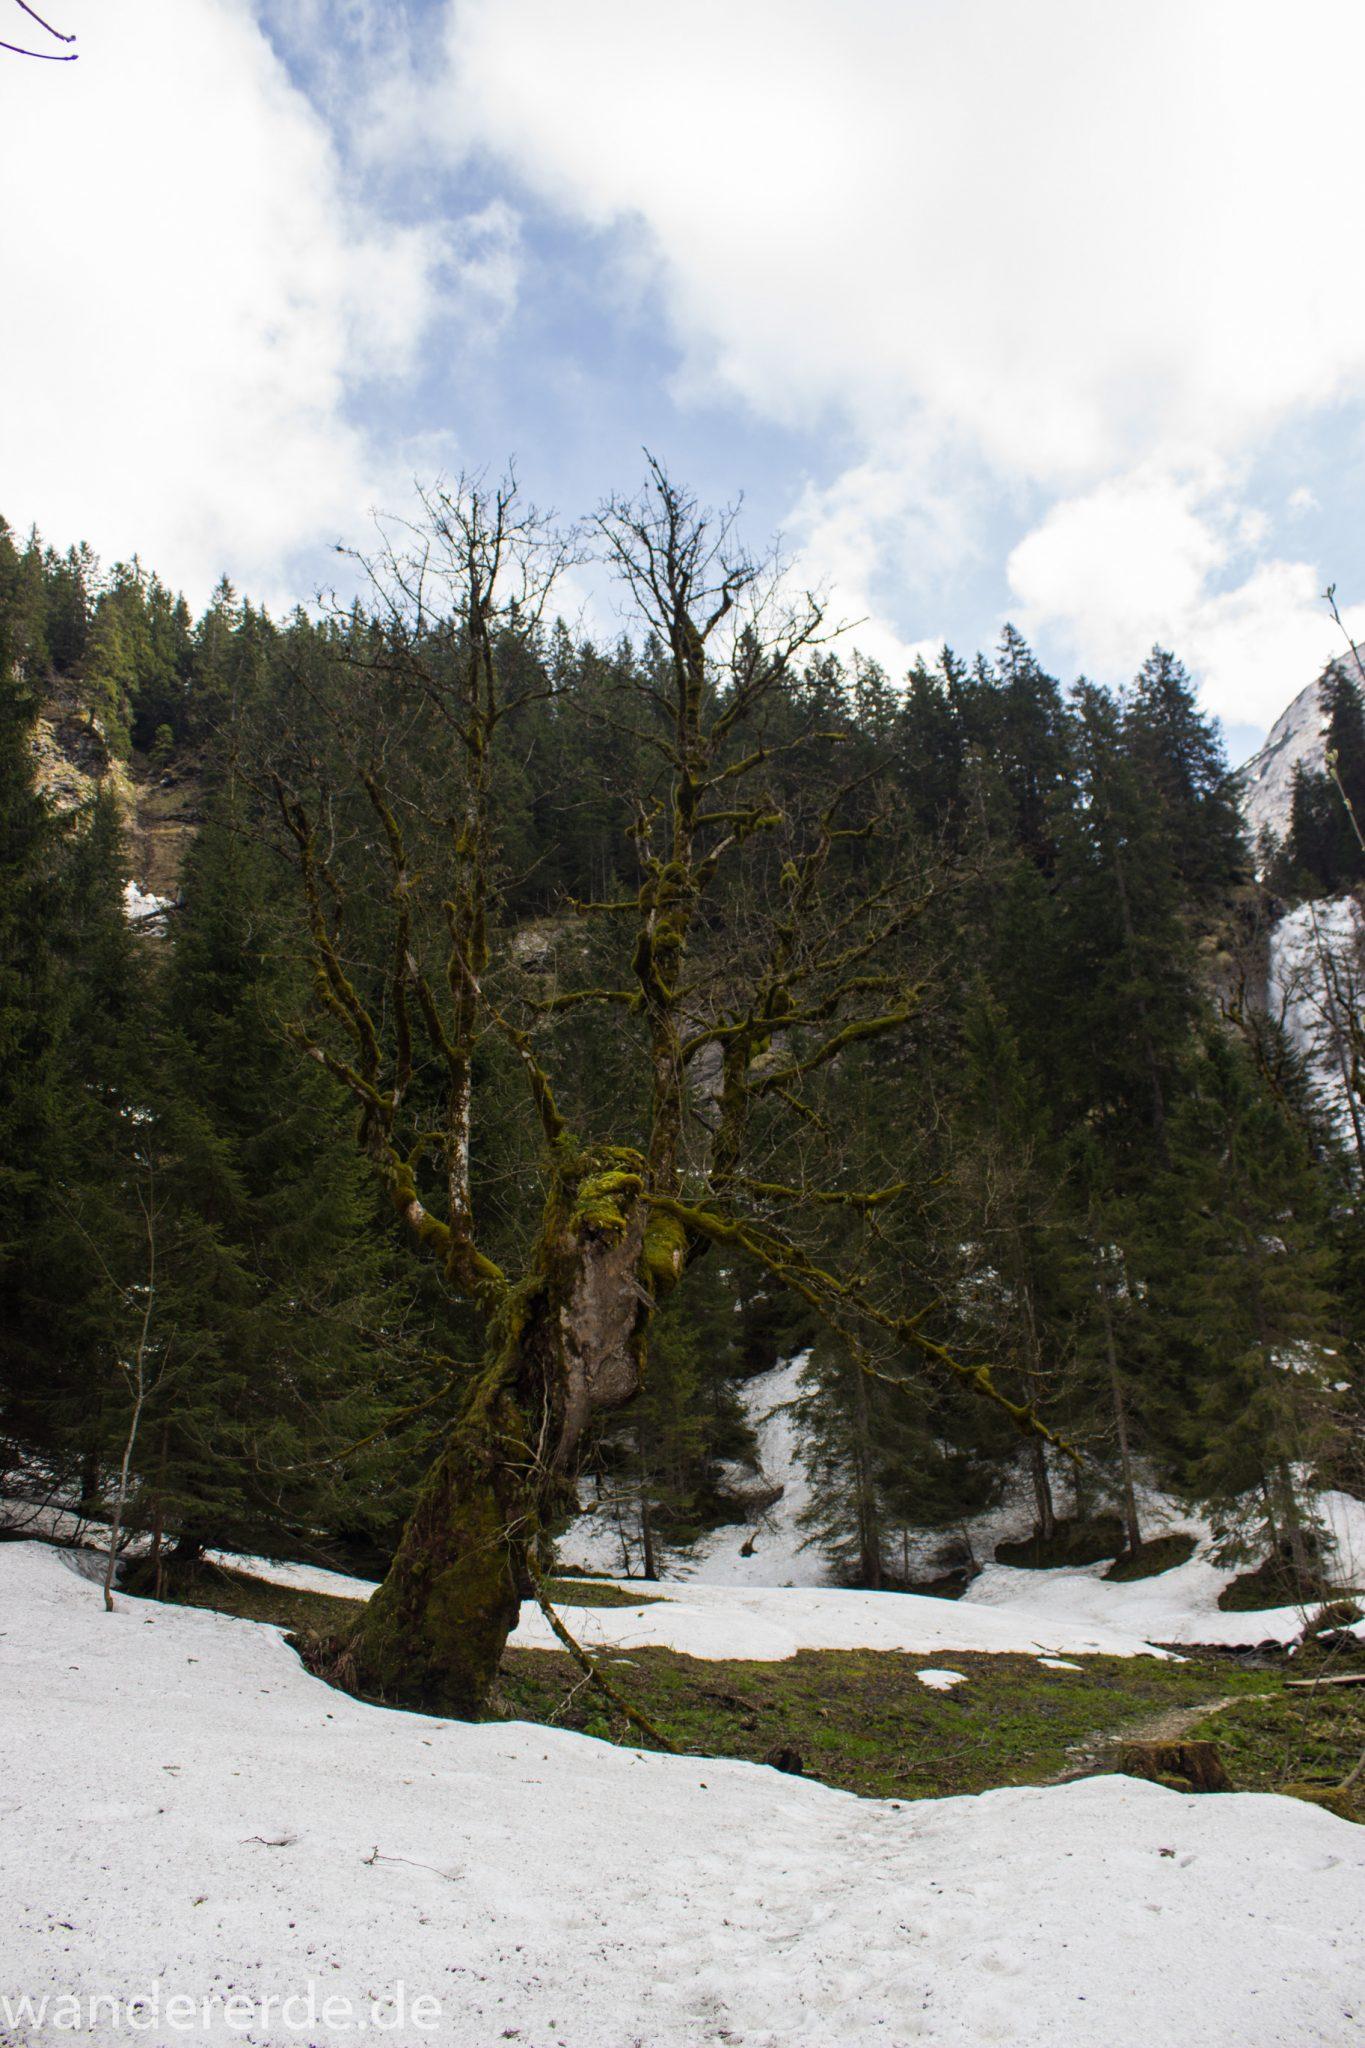 Wanderung zur Kenzenhütte in den Ammergauer Alpen, Schneefelder im Frühjahr in den Ammergauer Alpen in Bayern, dichter Nadelwald am Berghang